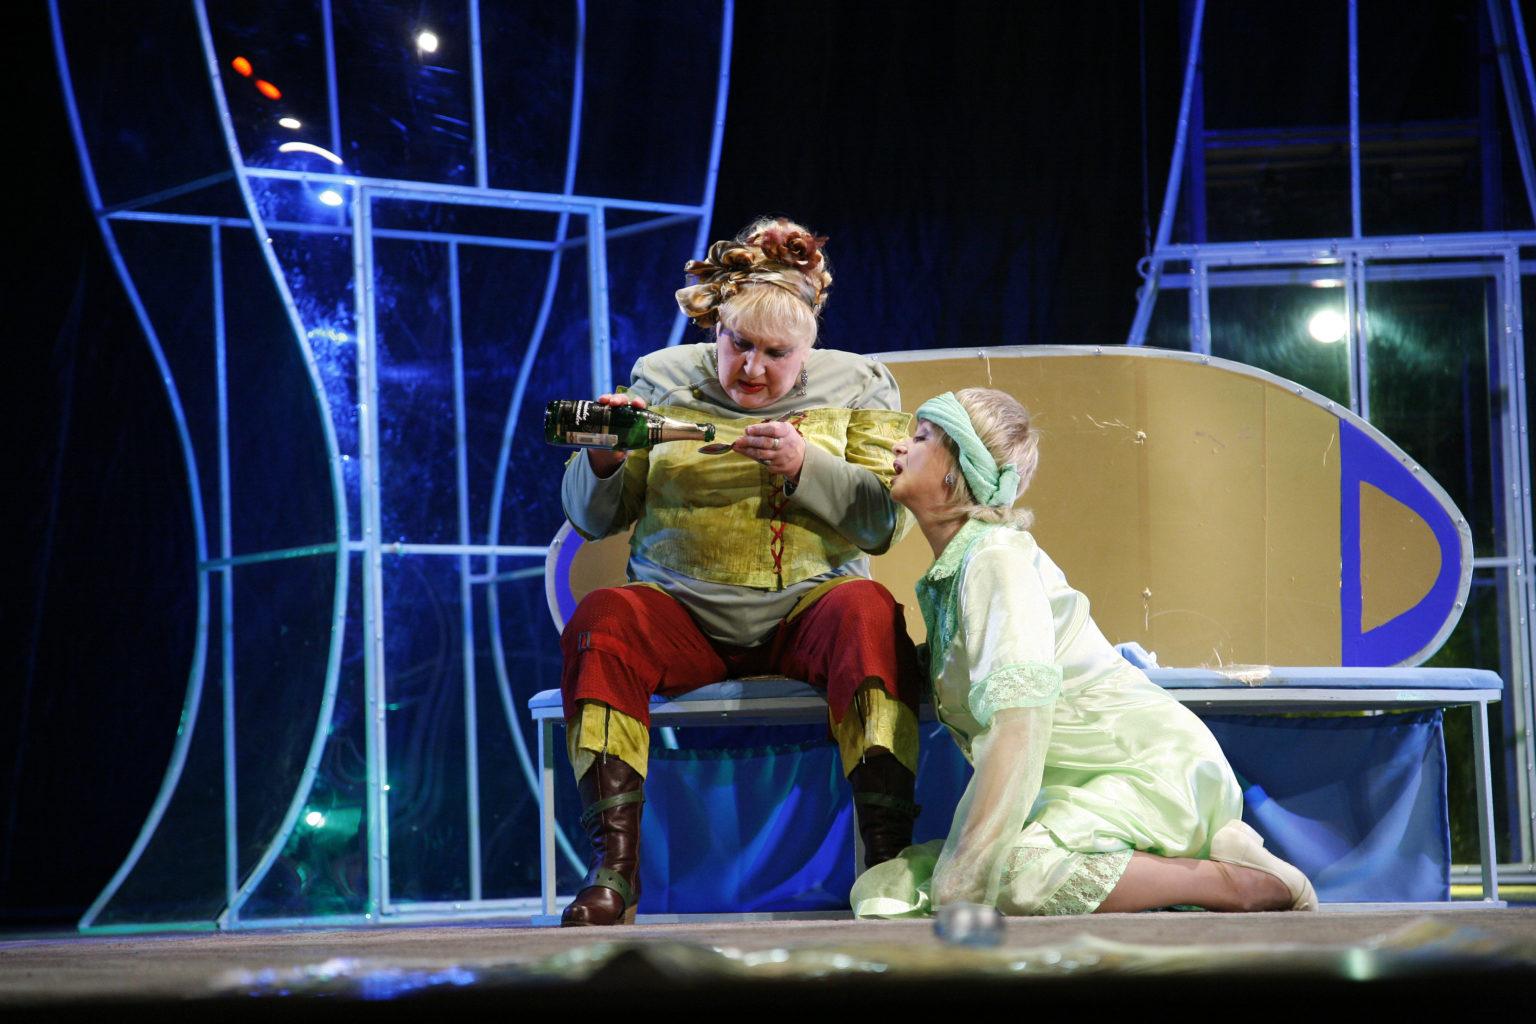 С. Царёва (спектакль «Ох, уж эта Анна!»): фотография